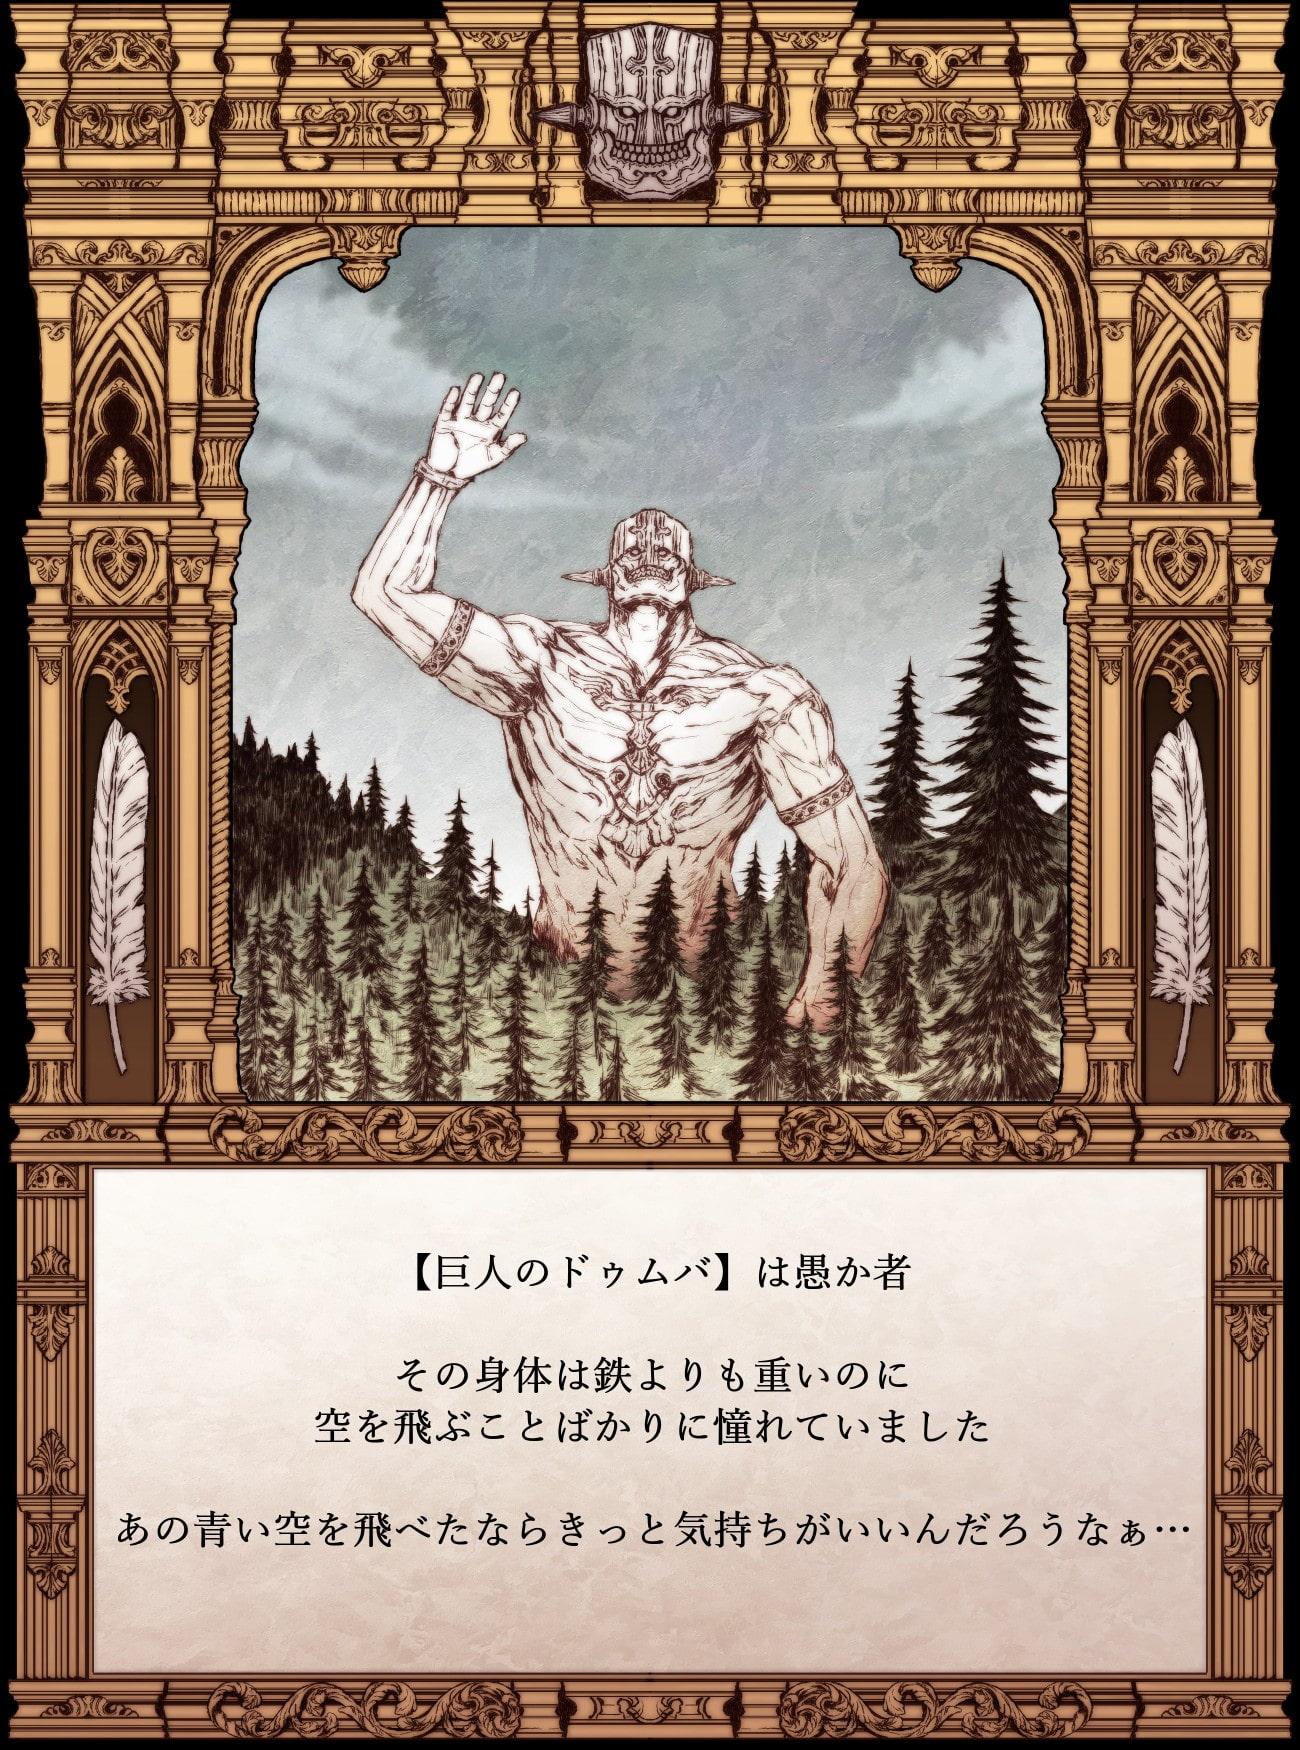 【絵本】巨人のドゥムバ